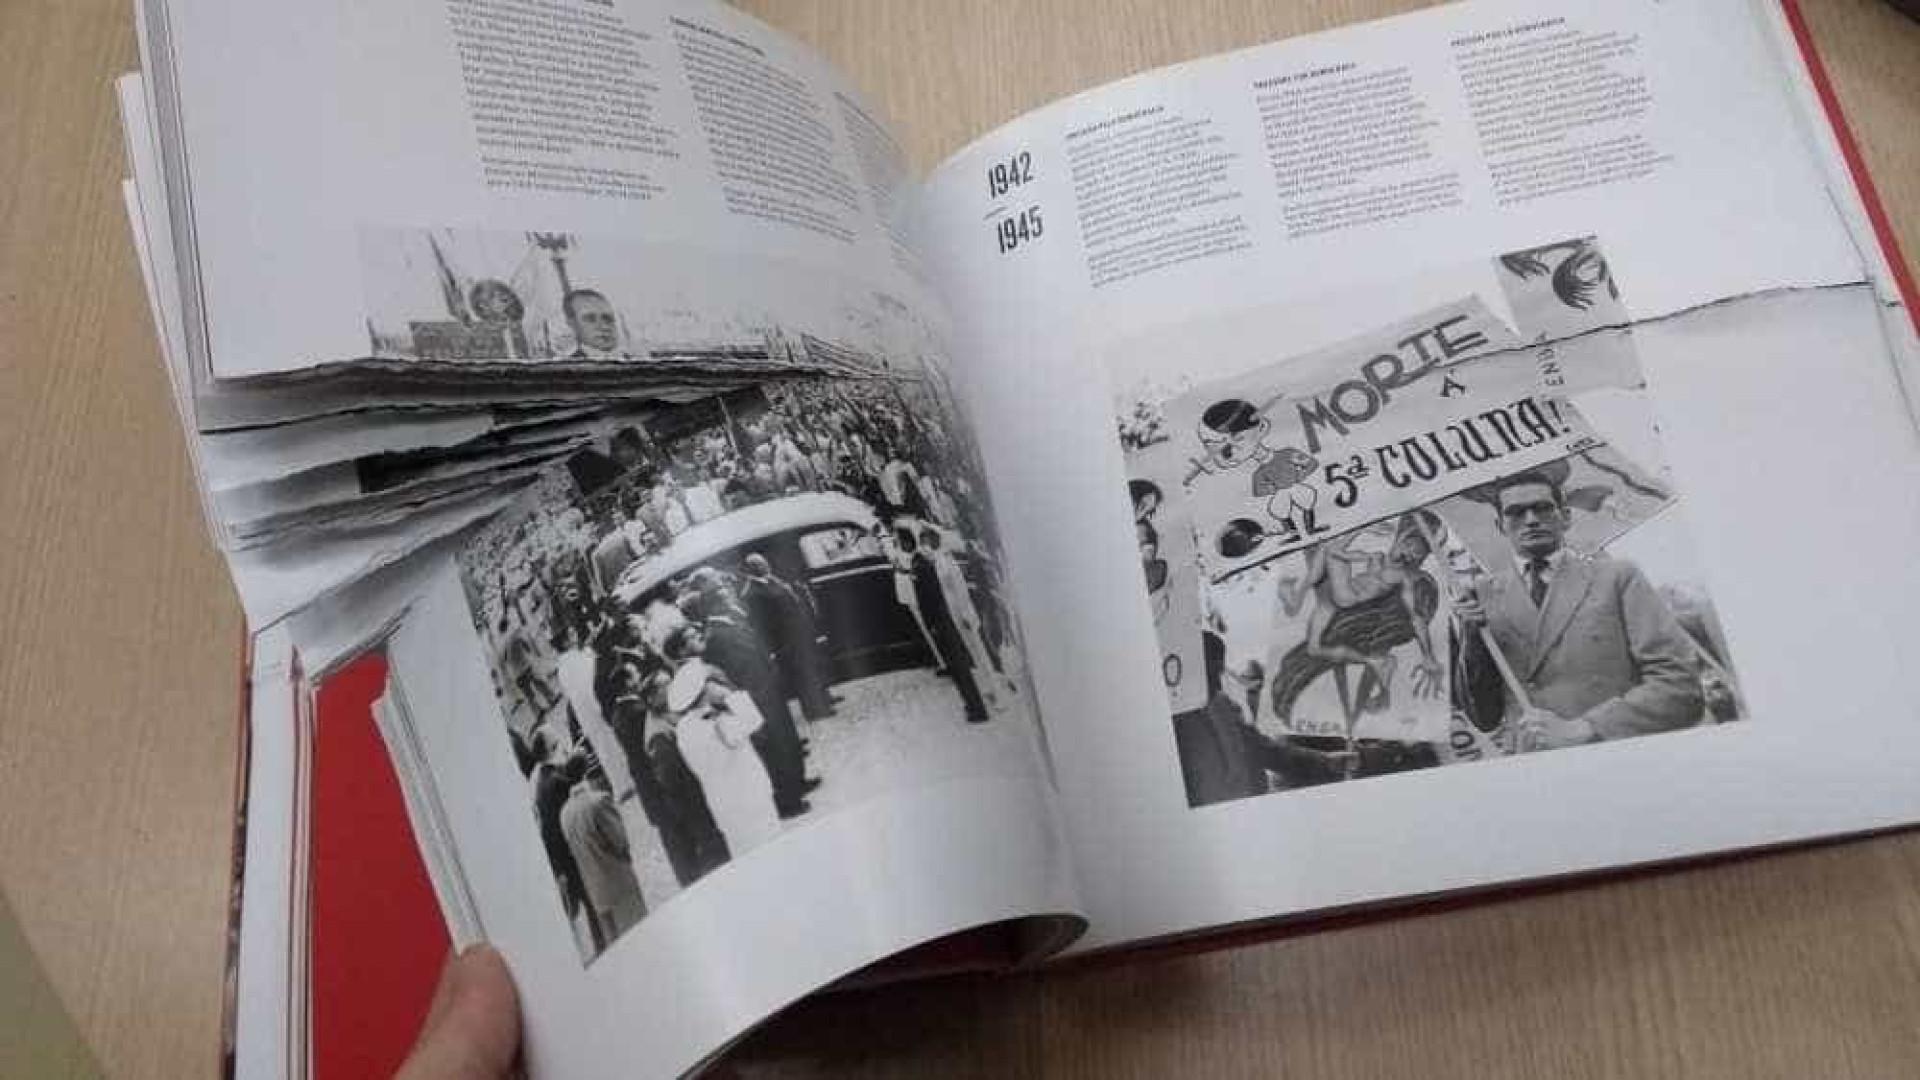 Livros sobre direitos humanos da biblioteca da UnB são danificados